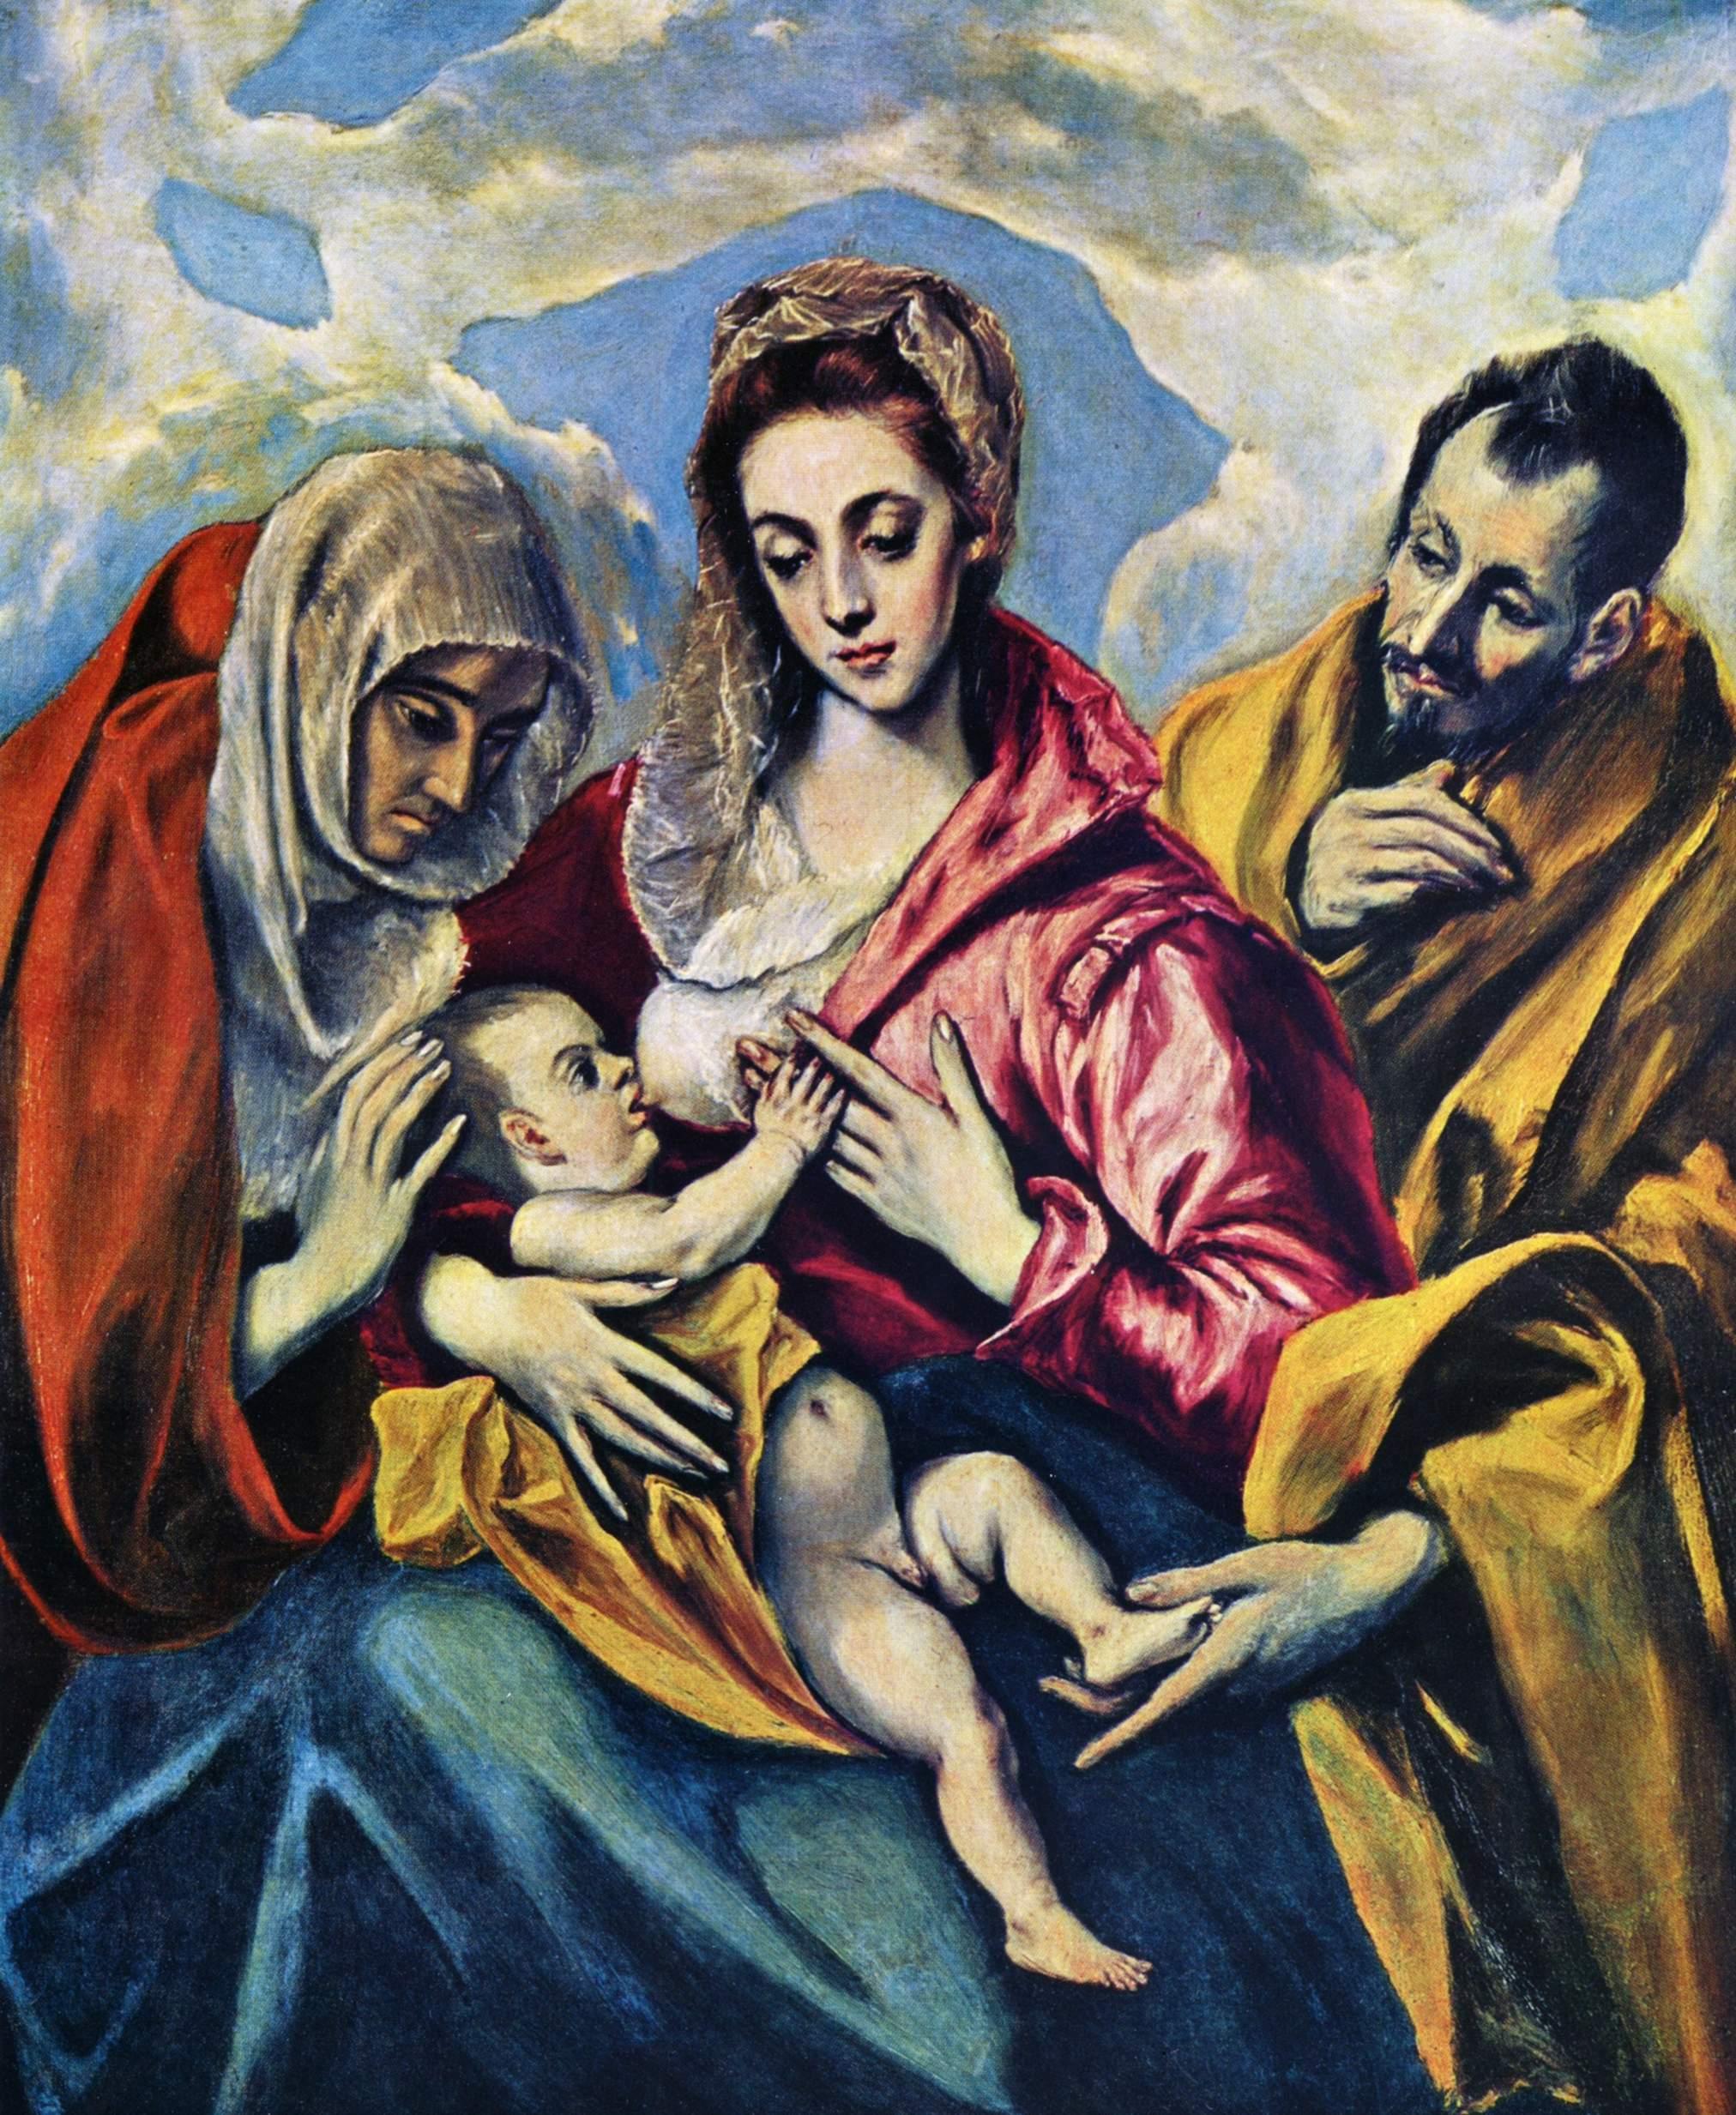 Η Αγία Οικογένεια με την Αγία Άννα, Ελ Γκρέκο περ.1590, Τολέδο